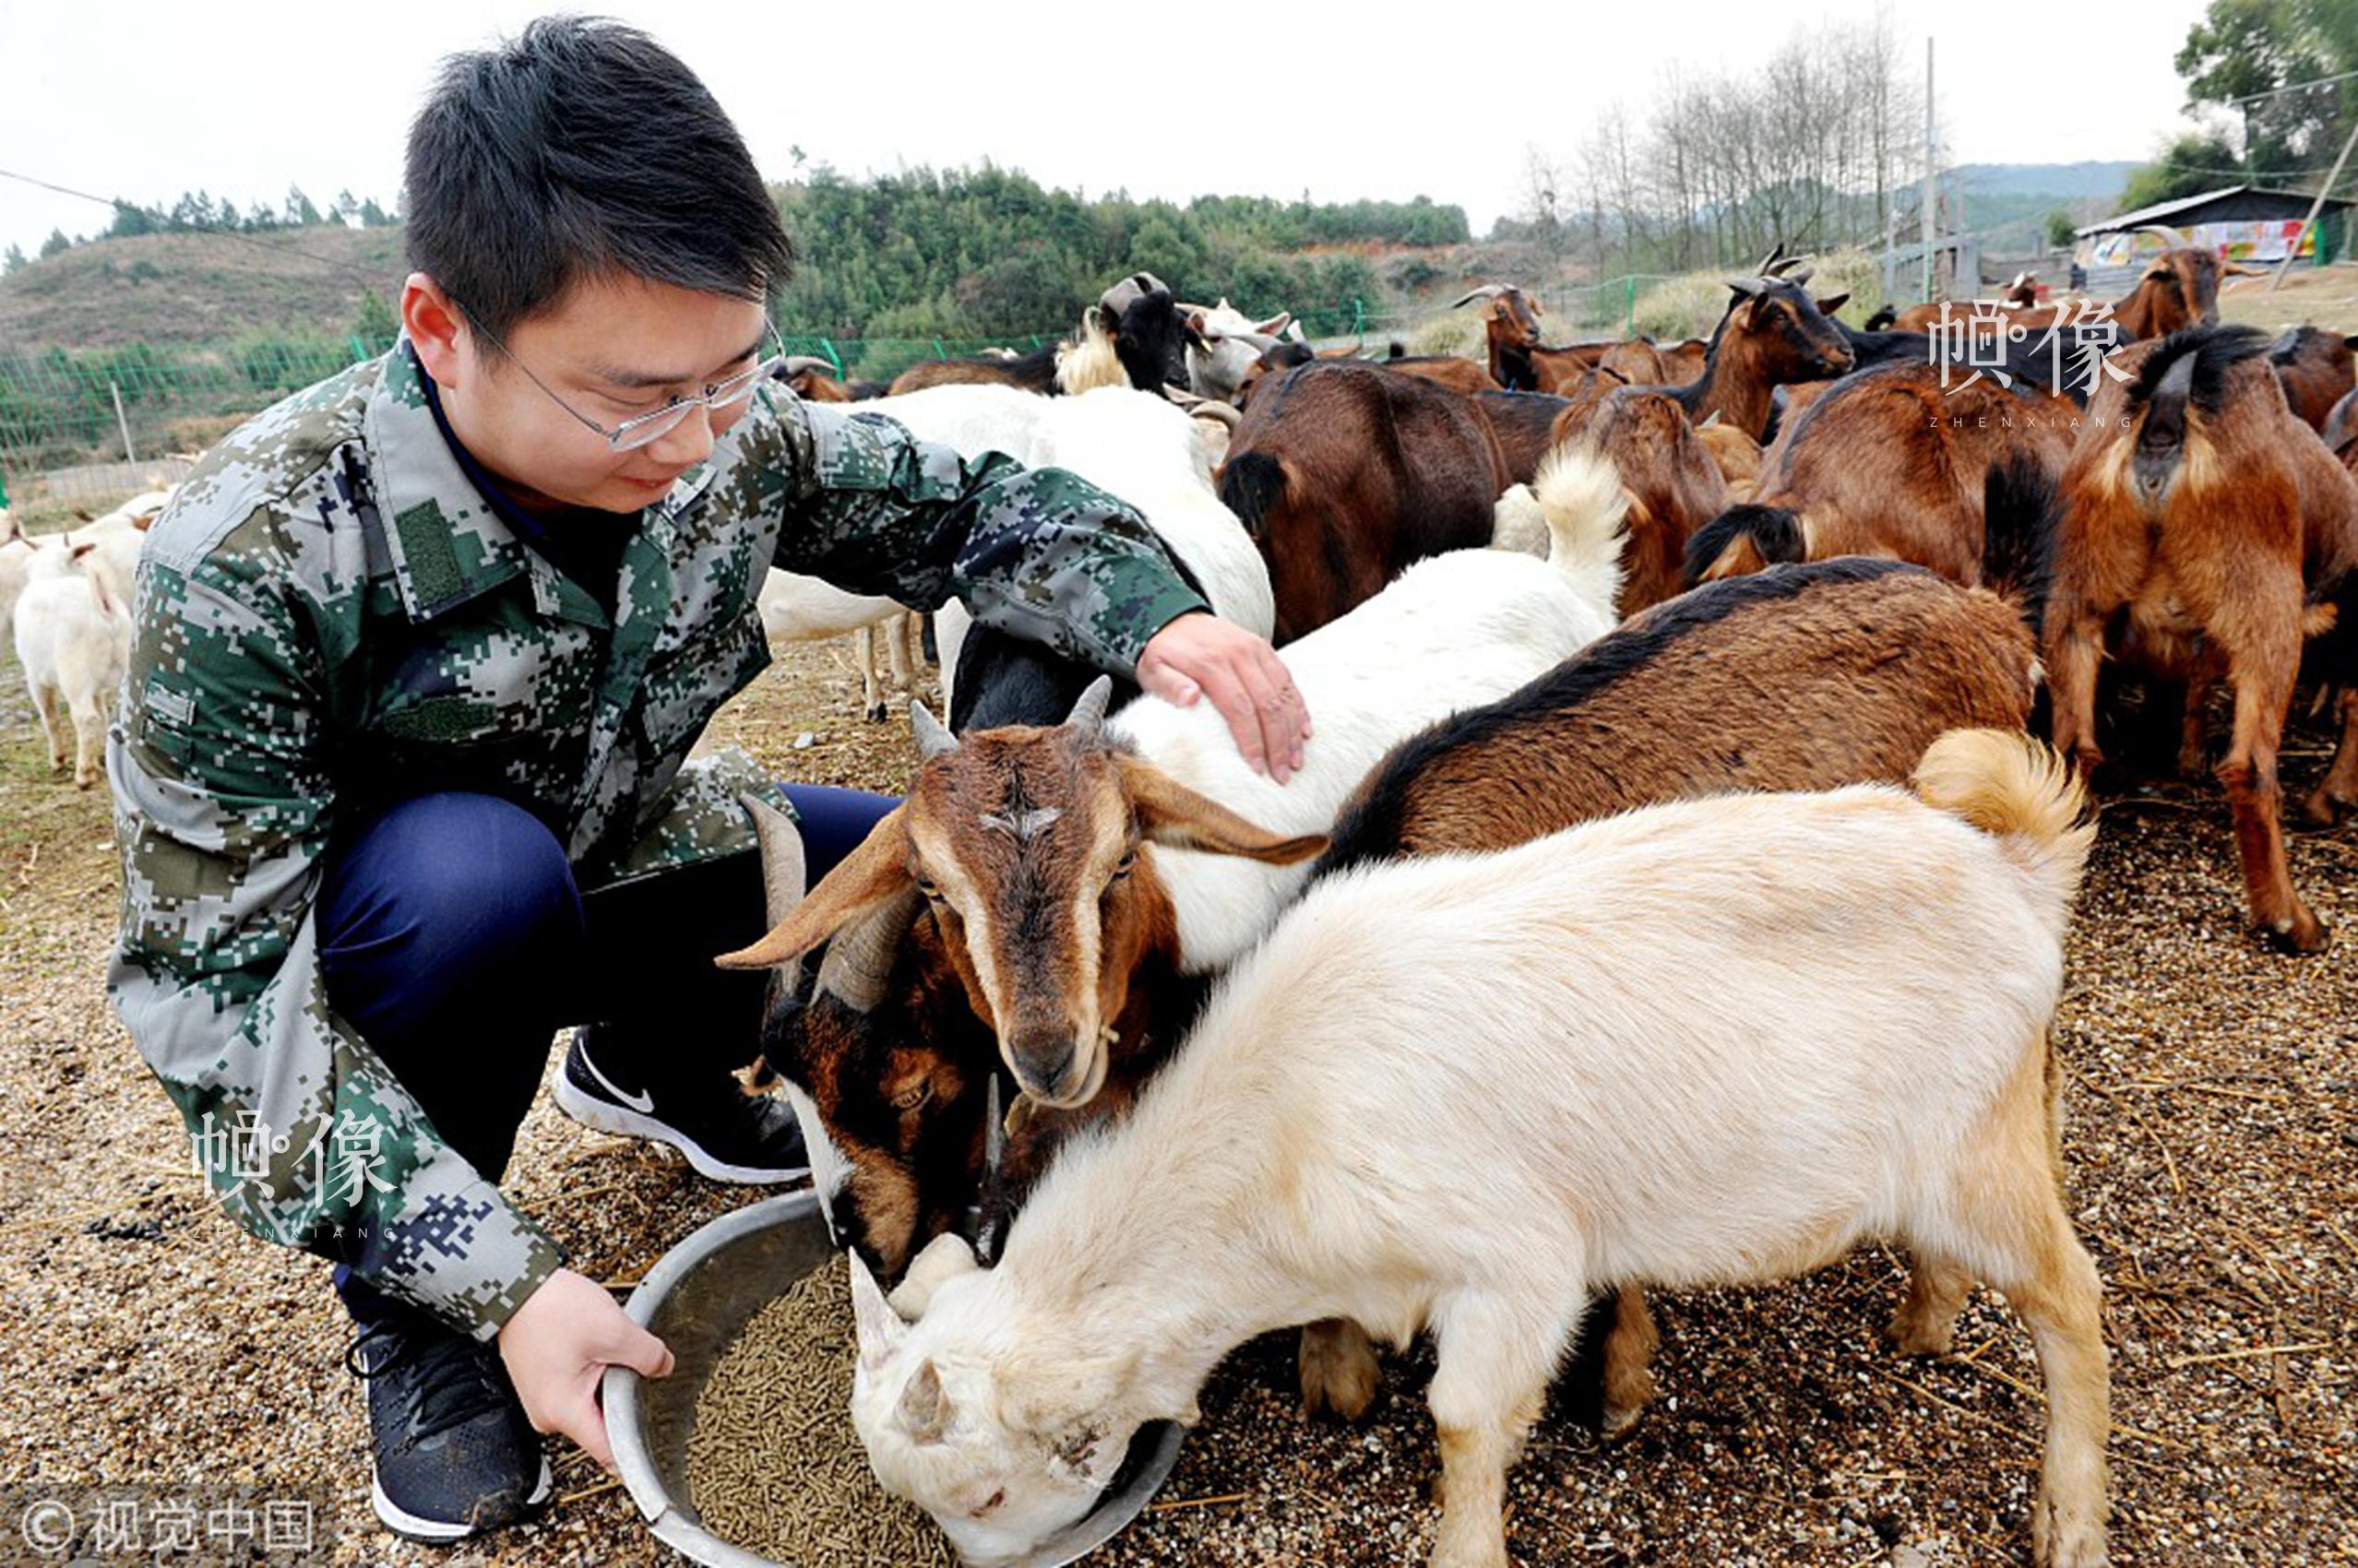 2018年3月4日,江西上饶鄱阳县金盘岭镇党员干部利用周末休息时间,来到该镇广洲村扶贫种养合作社,了解合作社山羊的生长和销售情况。视觉中国